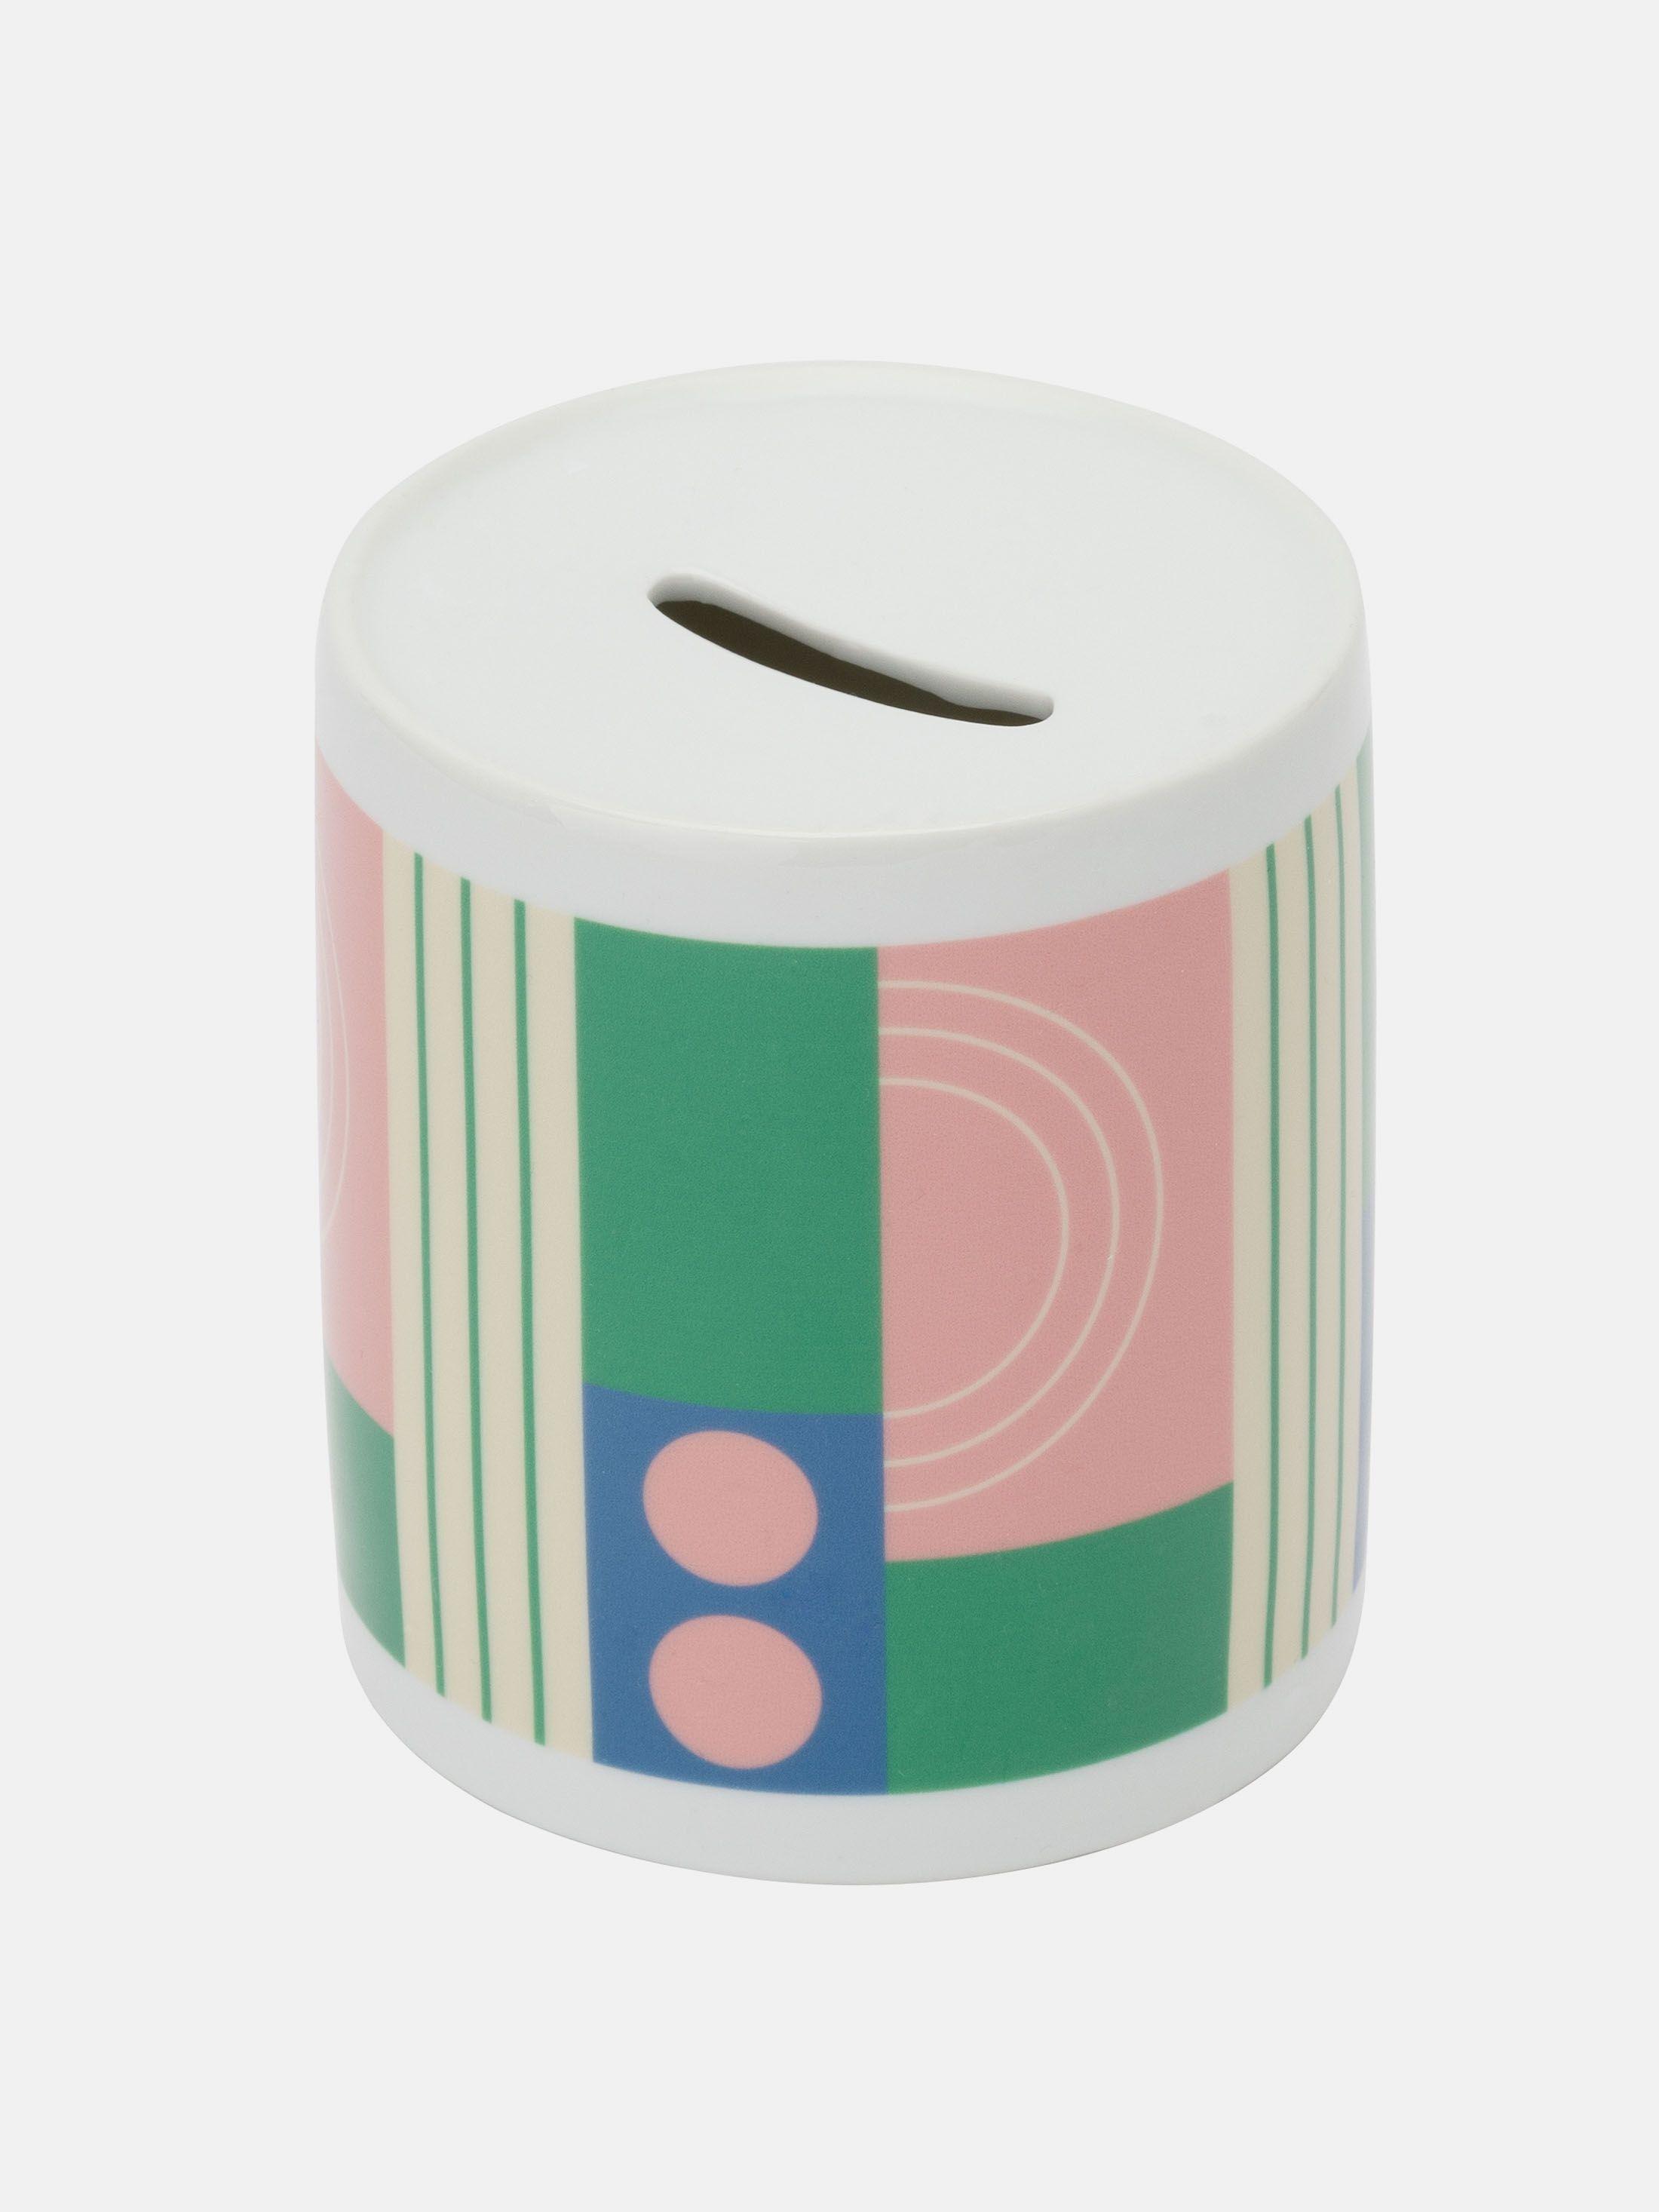 貯金箱 オリジナルデザイン 印刷